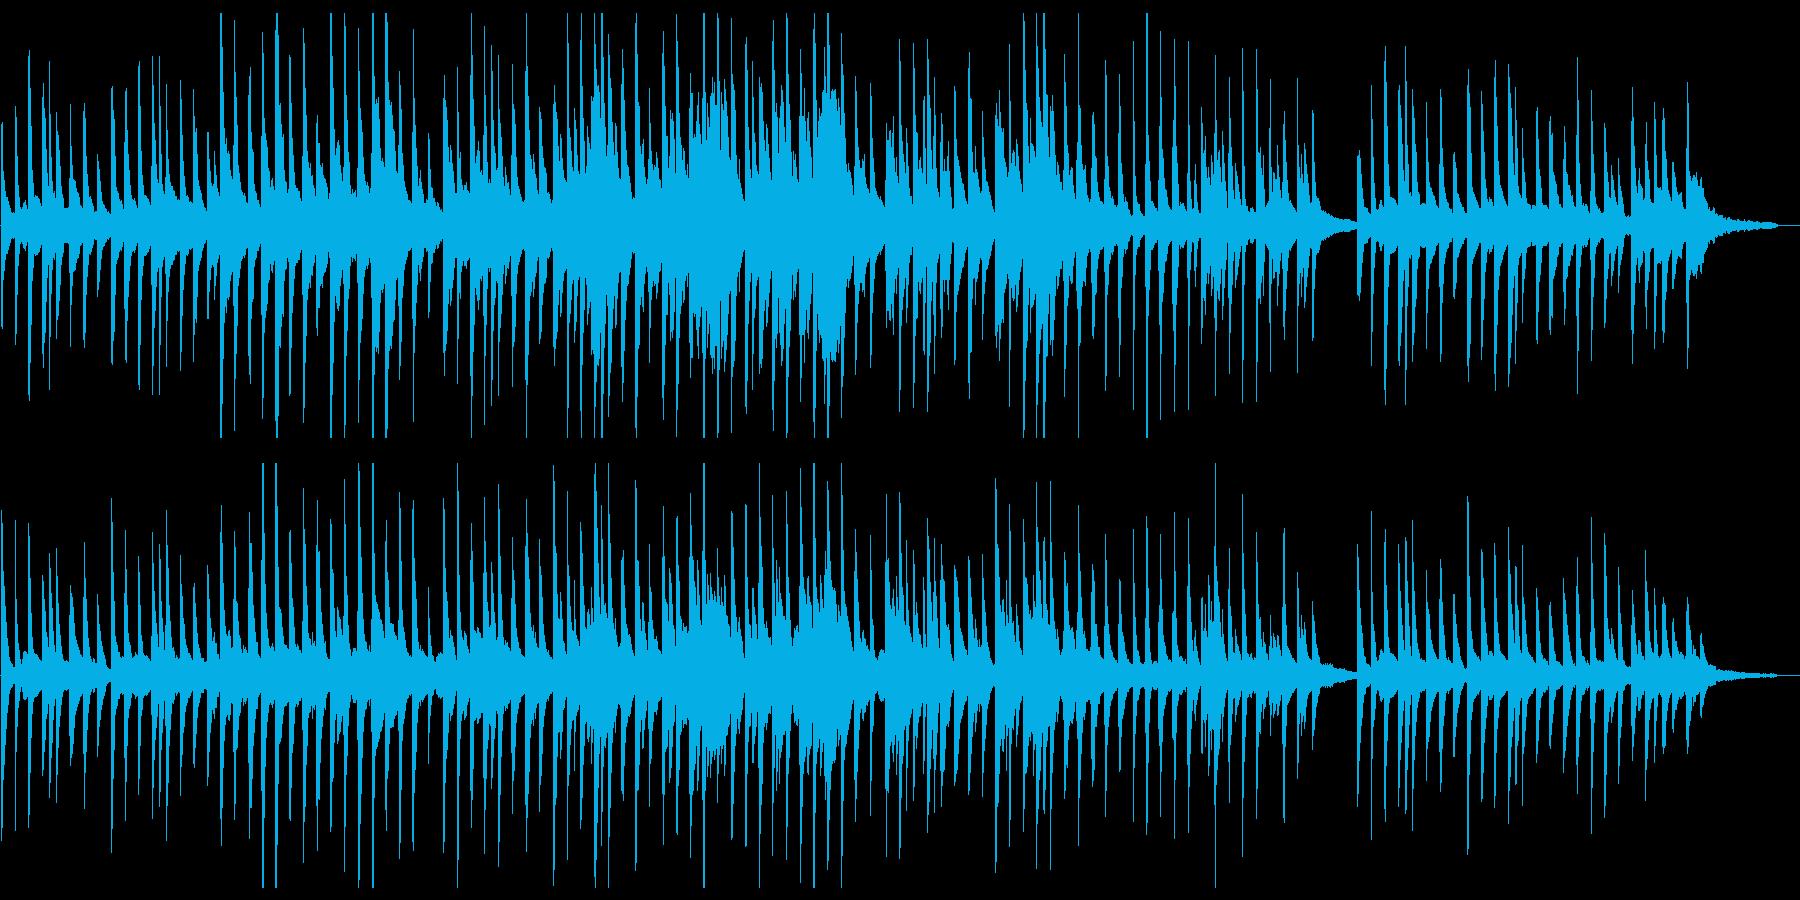 しっとりとメロディアスなピアノバラードの再生済みの波形